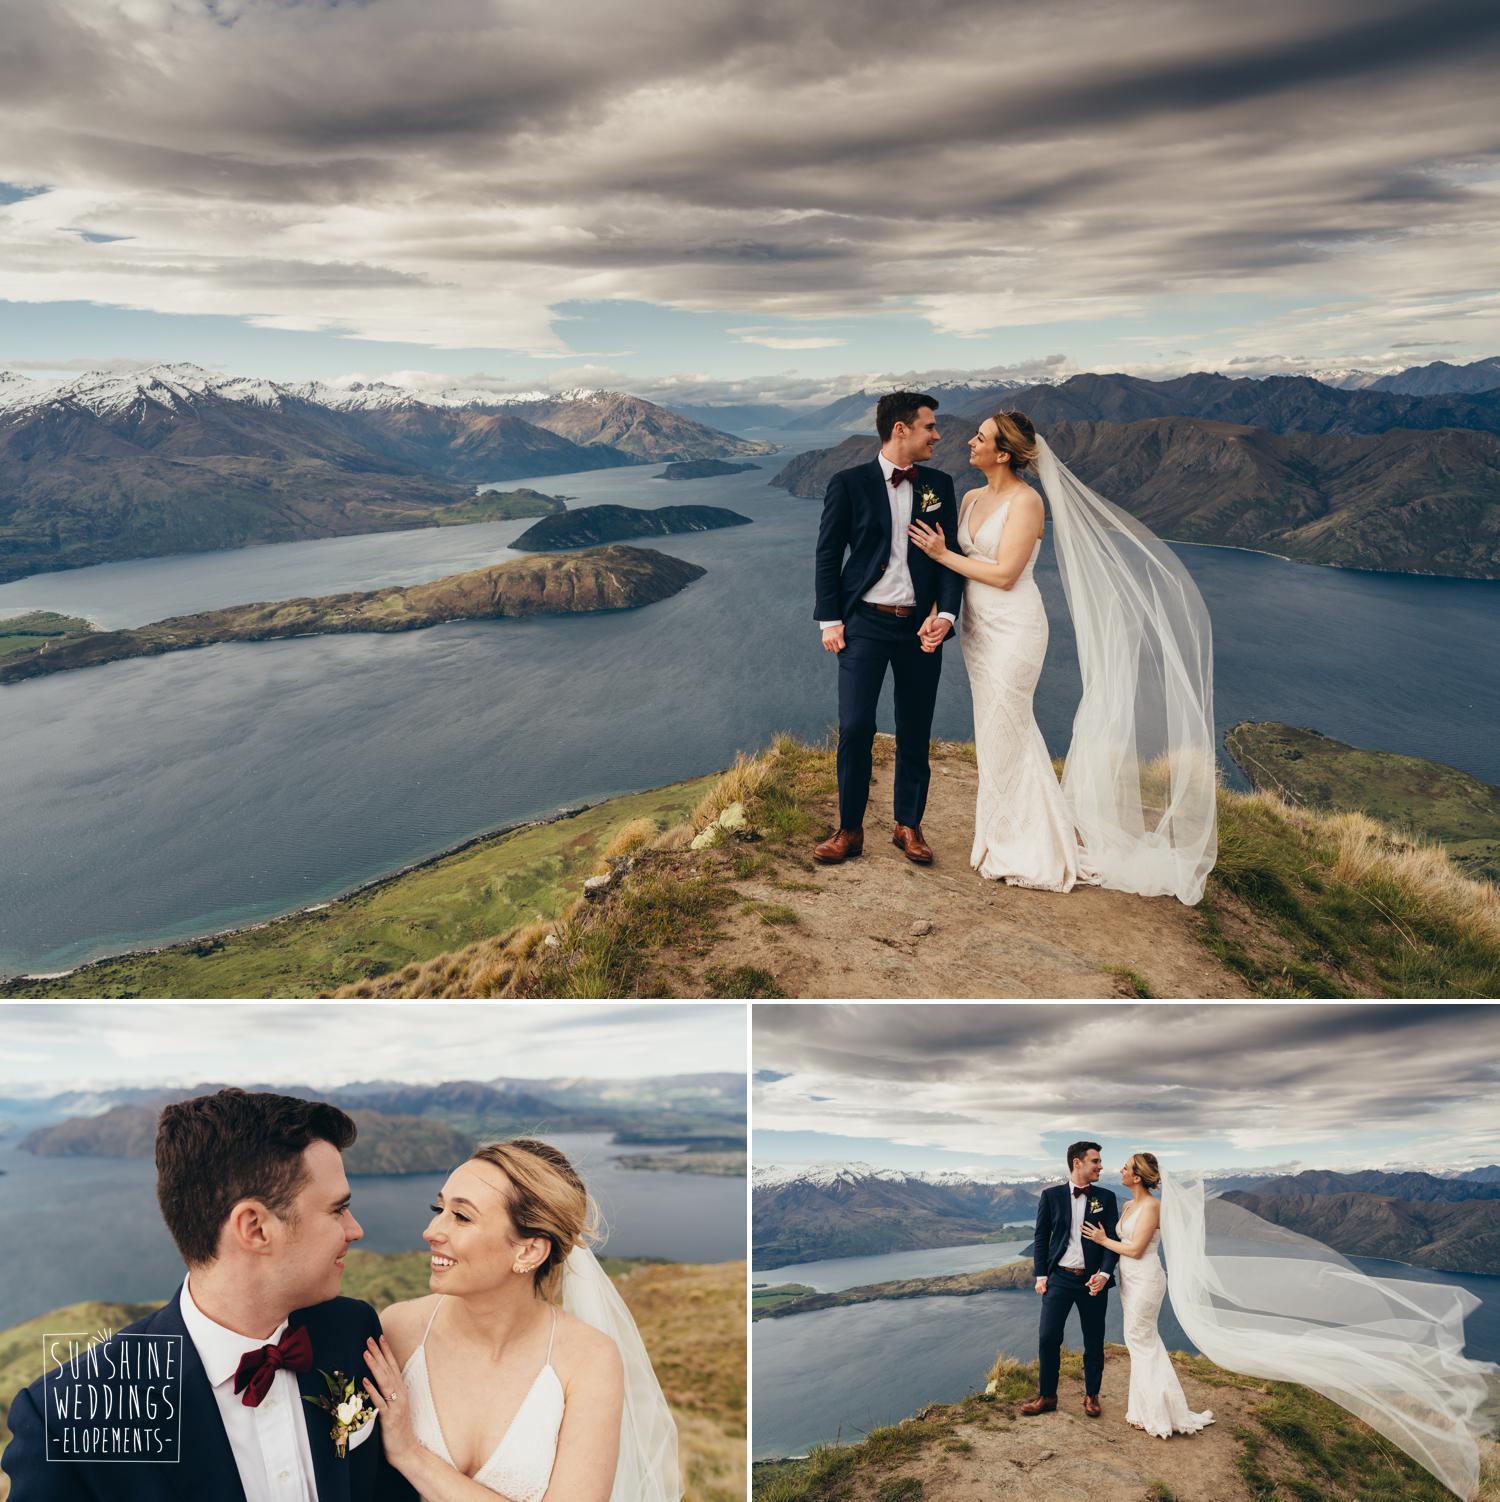 Coromandel Peak Lake Wanaka, iconic NZ wedding photograph, Wanaka wedding